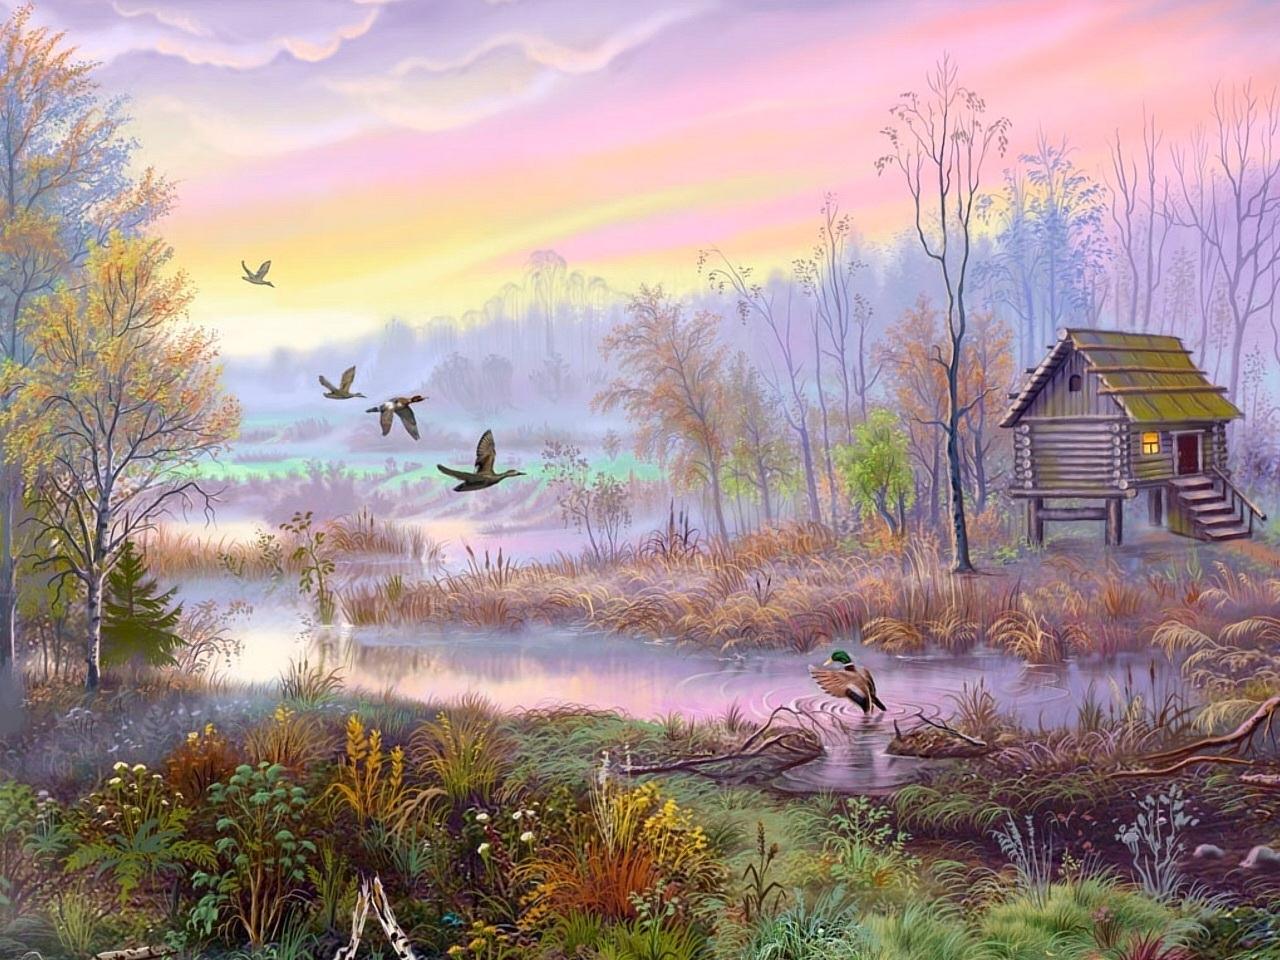 23705 скачать обои Пейзаж, Птицы, Дома, Река, Деревья, Утки, Рисунки - заставки и картинки бесплатно